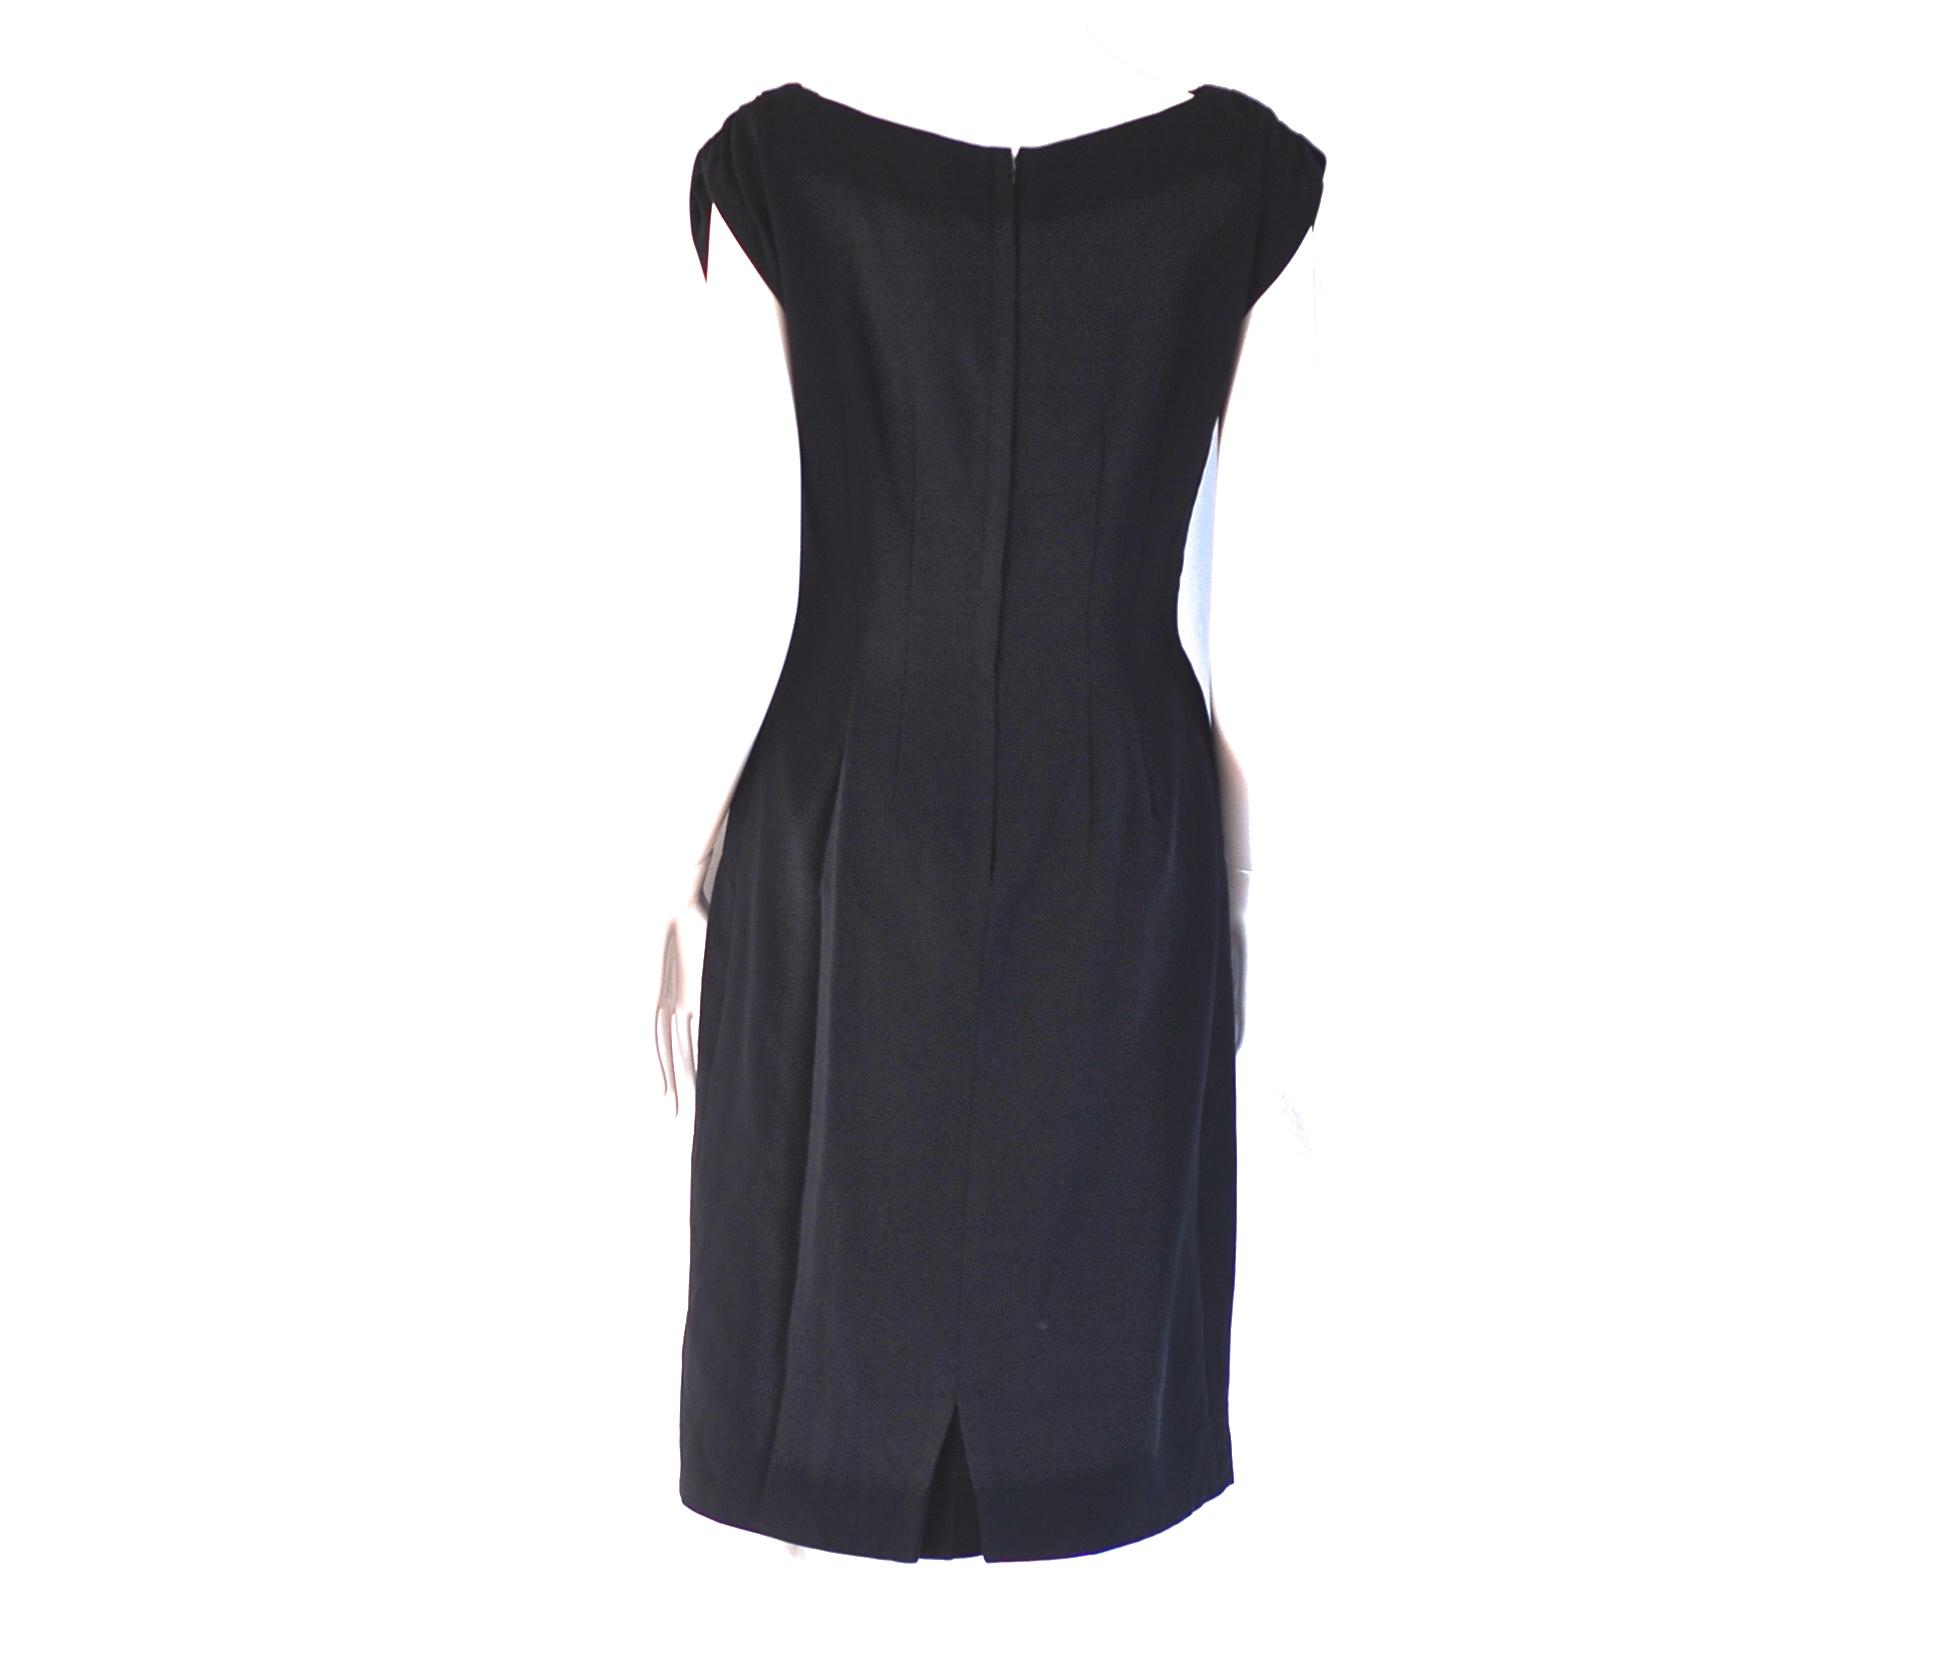 Evening Gowns Rental Vancouver JJsHousecom en